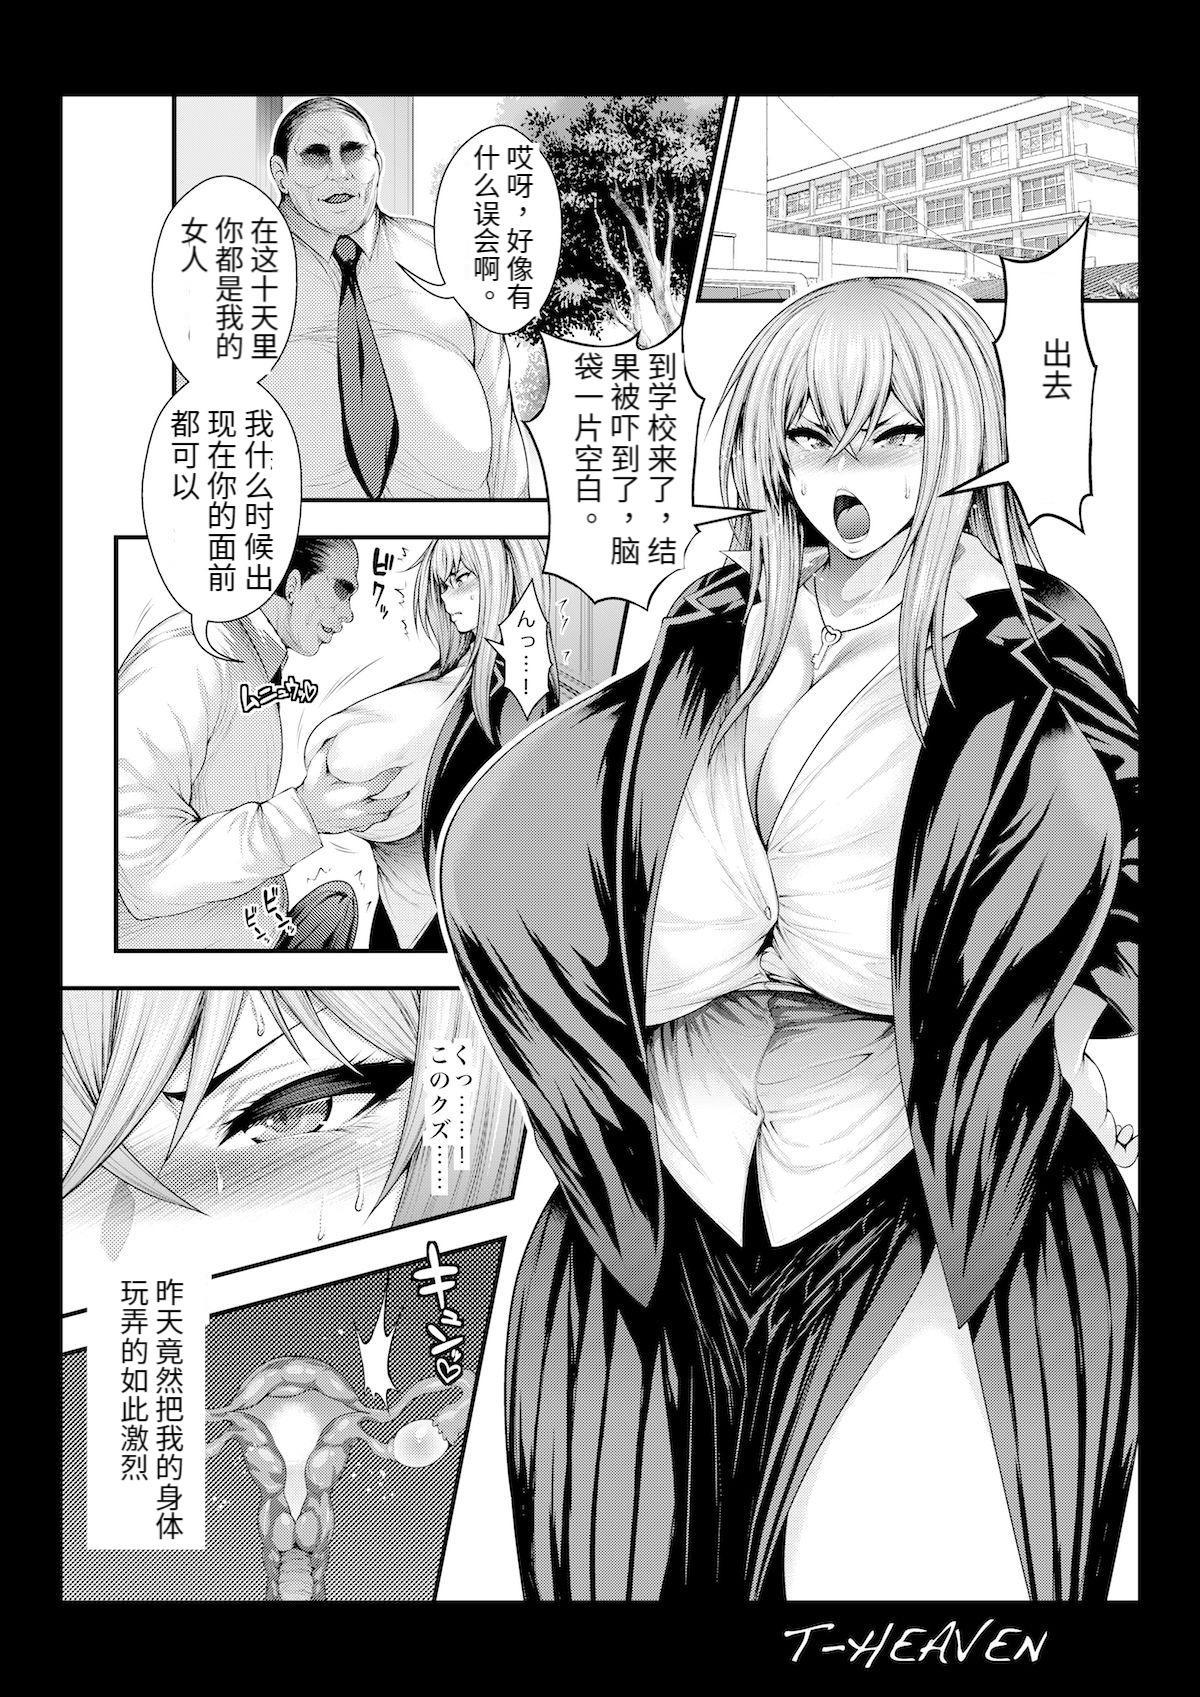 Atashi ga Jibun kara Ochiru made no Chijoku no Tokakan   耻辱的十天 22